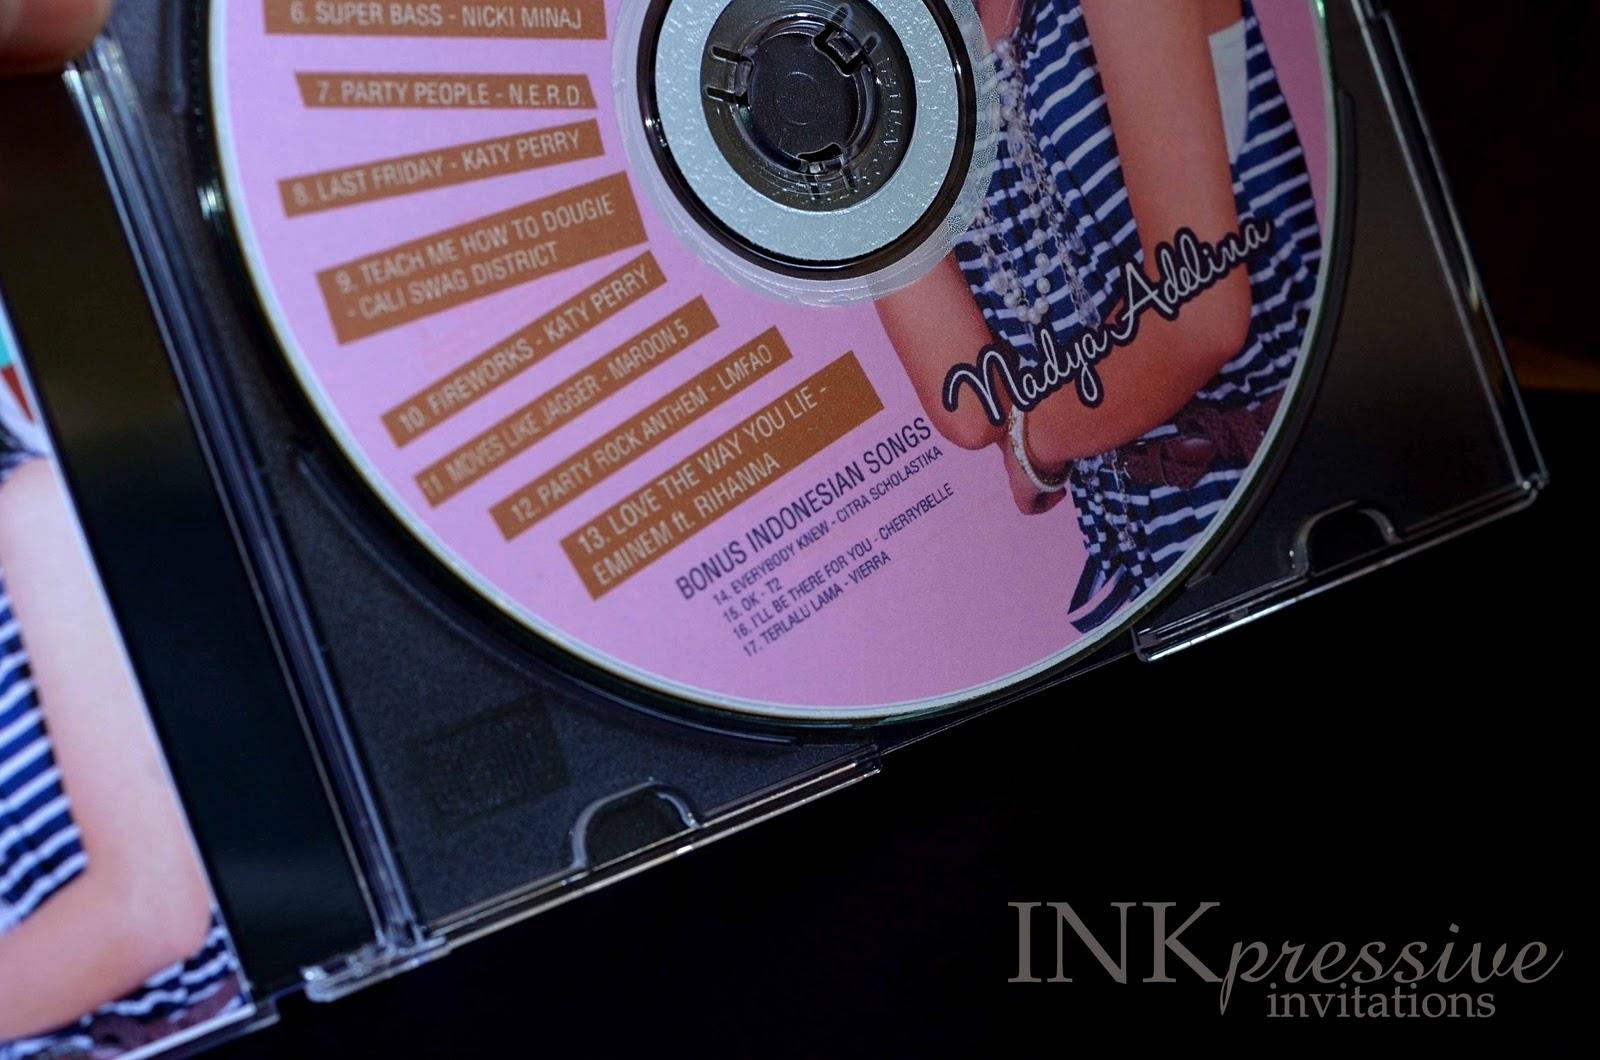 Sugar and Spice Music CD Invitation INKPRESSIVE INVITATIONS